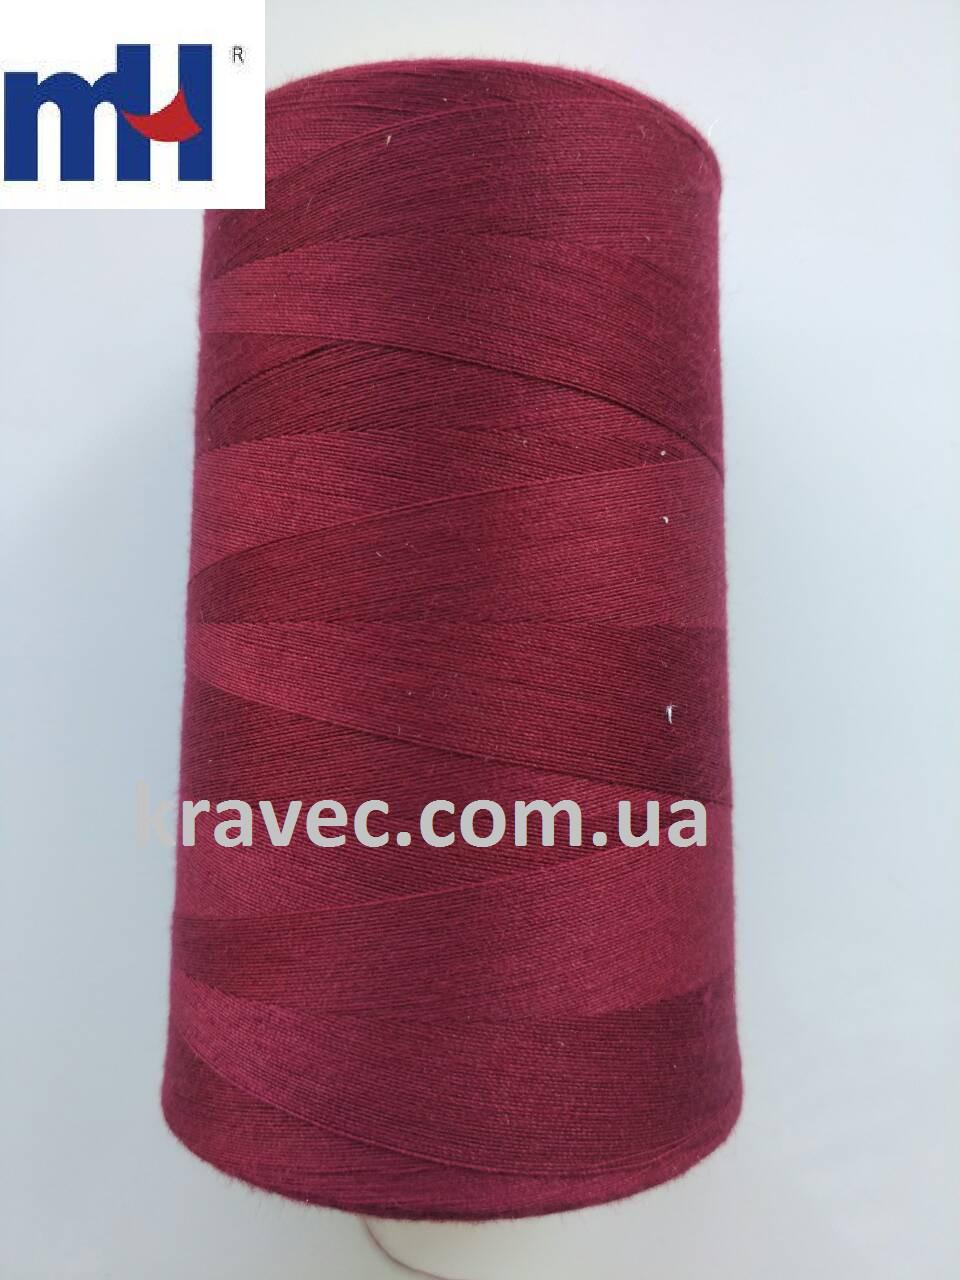 Нитка швейна MH 40/2 бордо 579